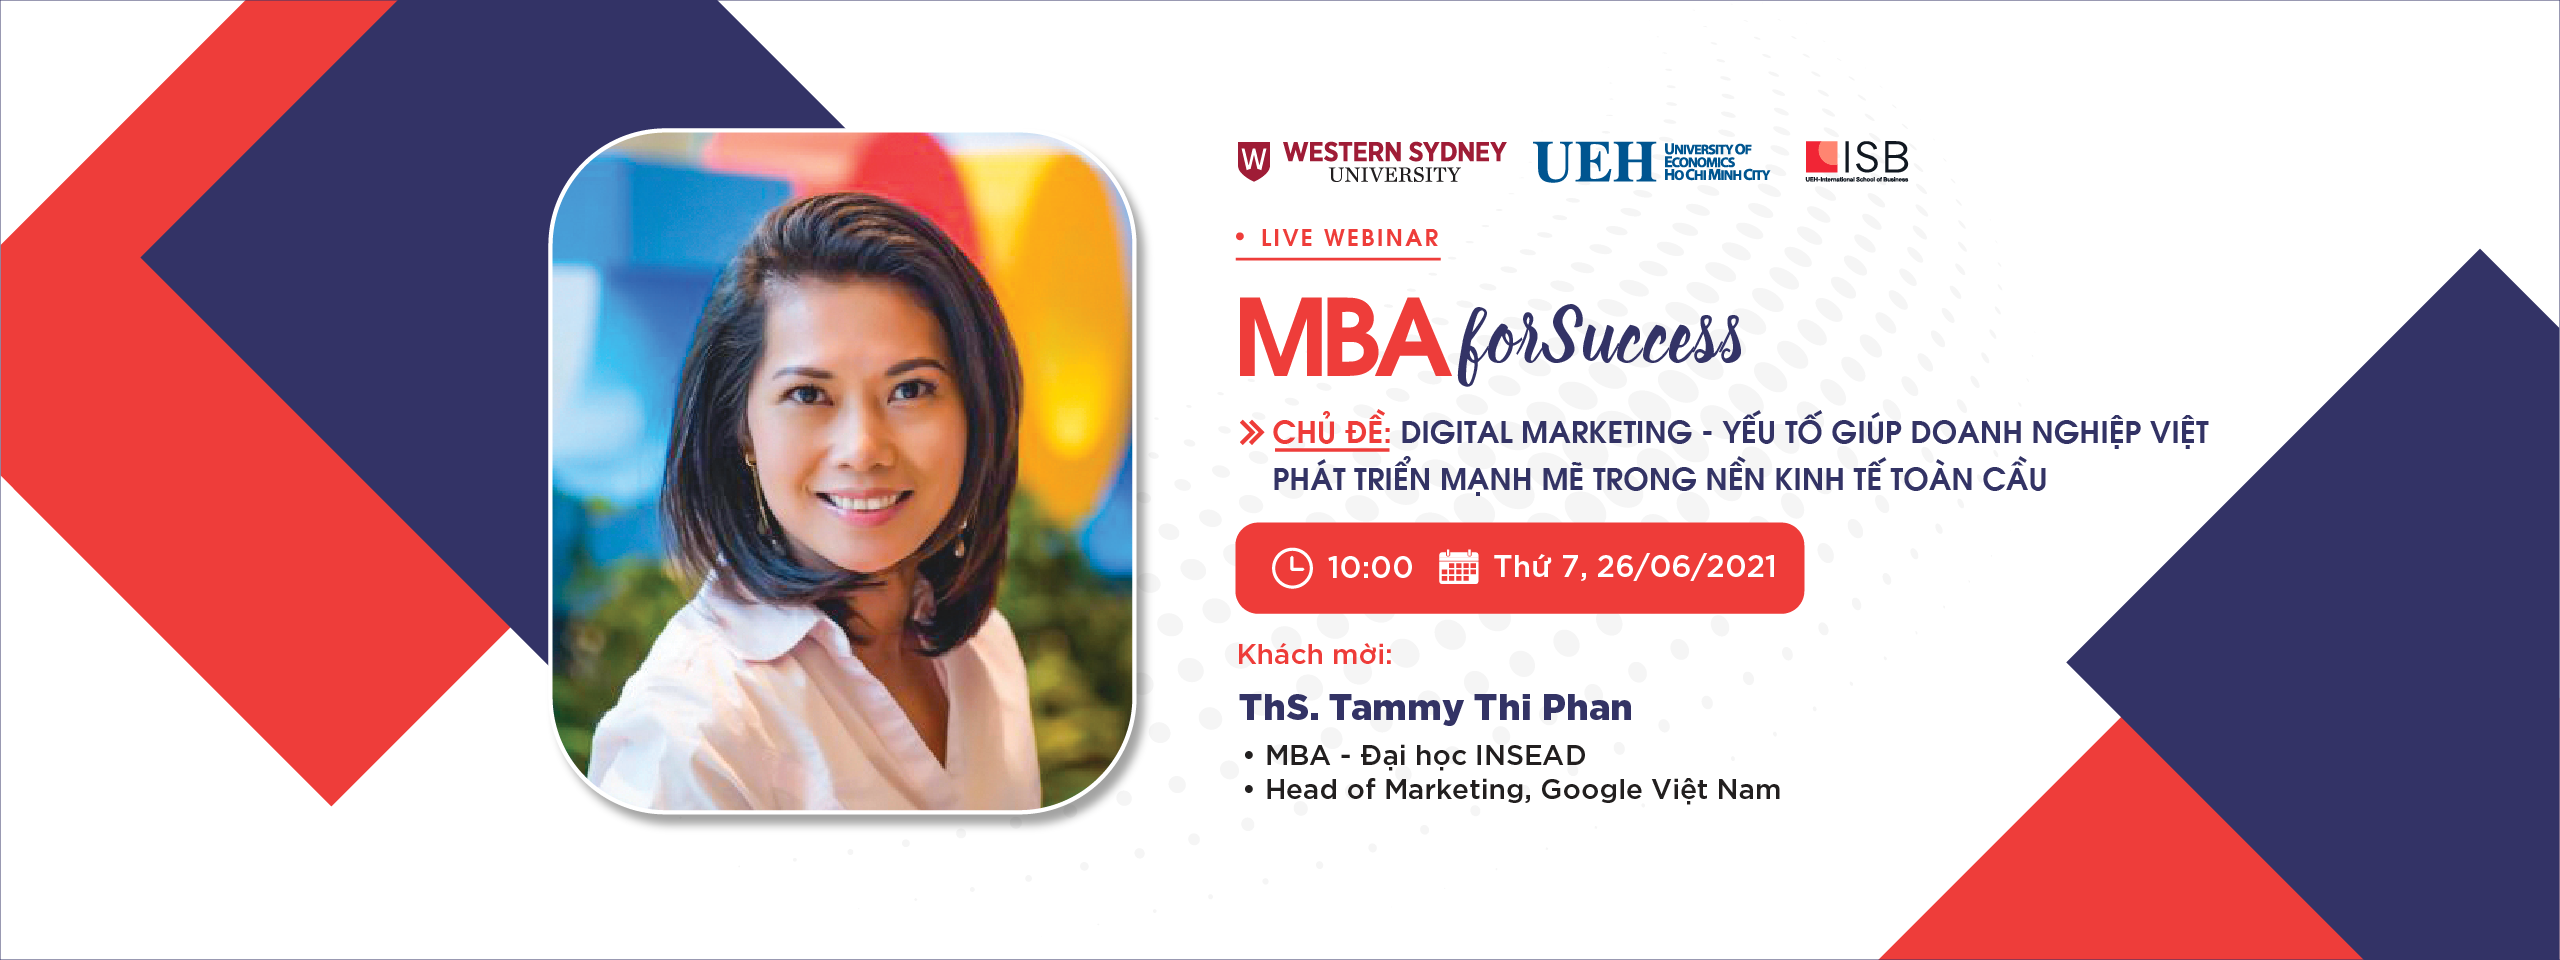 MBA For Success: Digital-Marketing - Yếu tố giúp doanh nghiệp Việt phát triển mạnh mẽ trong nền kinh tế toàn cầu